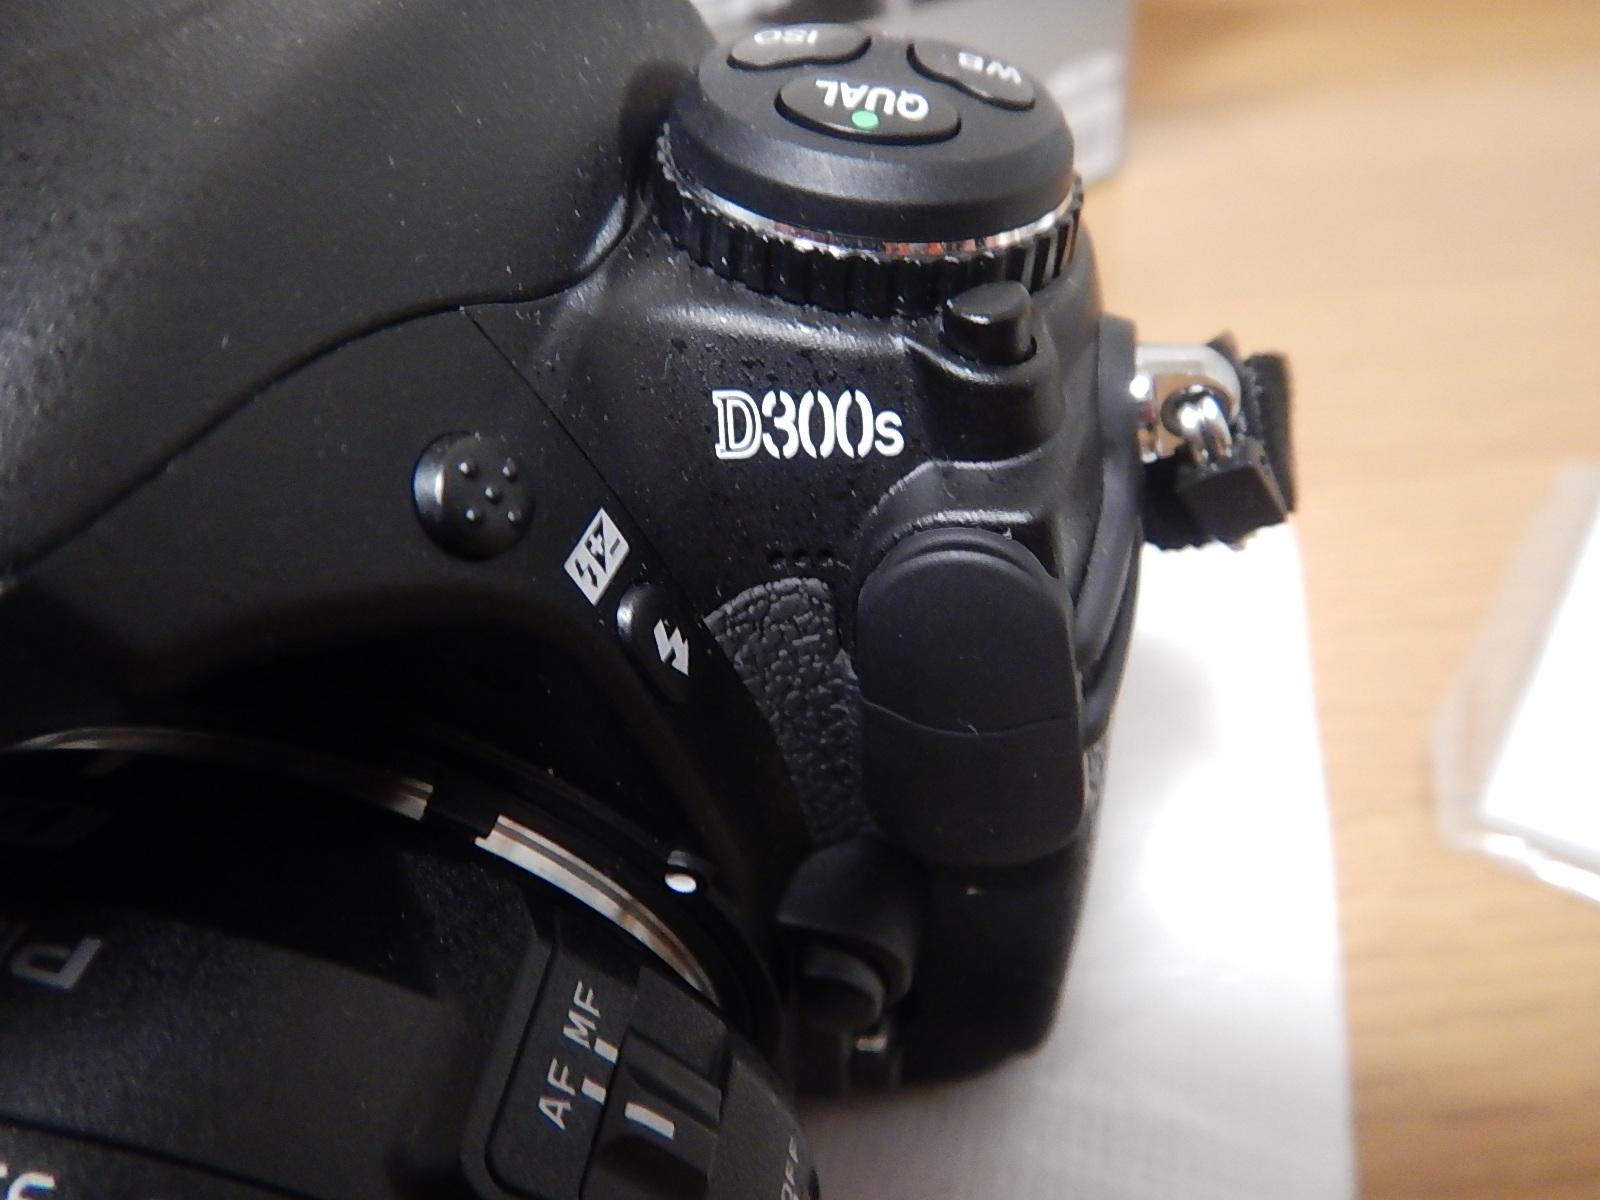 中古品という選択 Nikon D300S